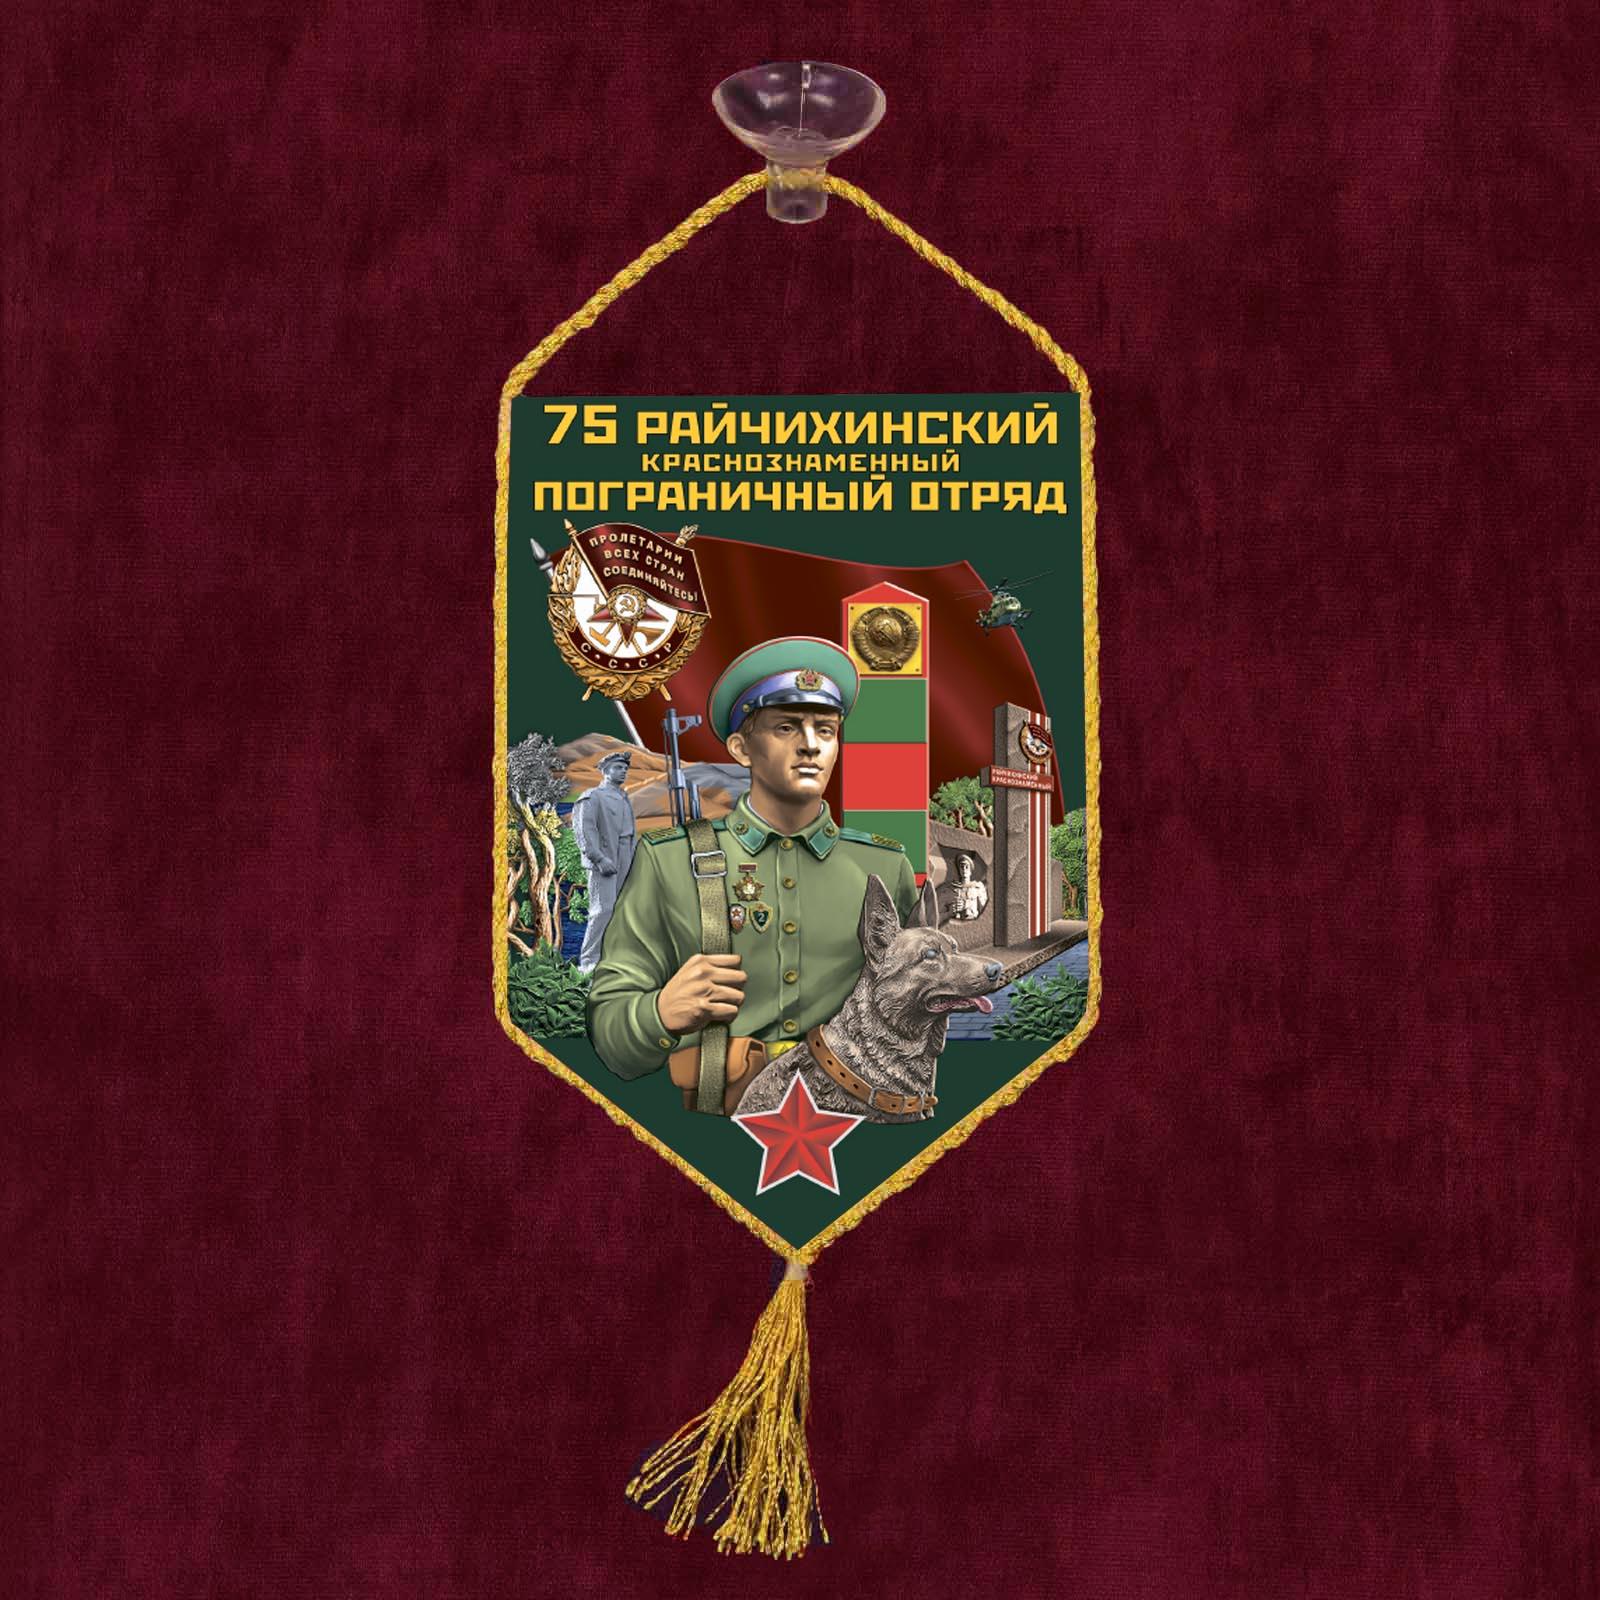 """Автомобильный вымпел """"75 Райчихинский пограничный отряд"""""""